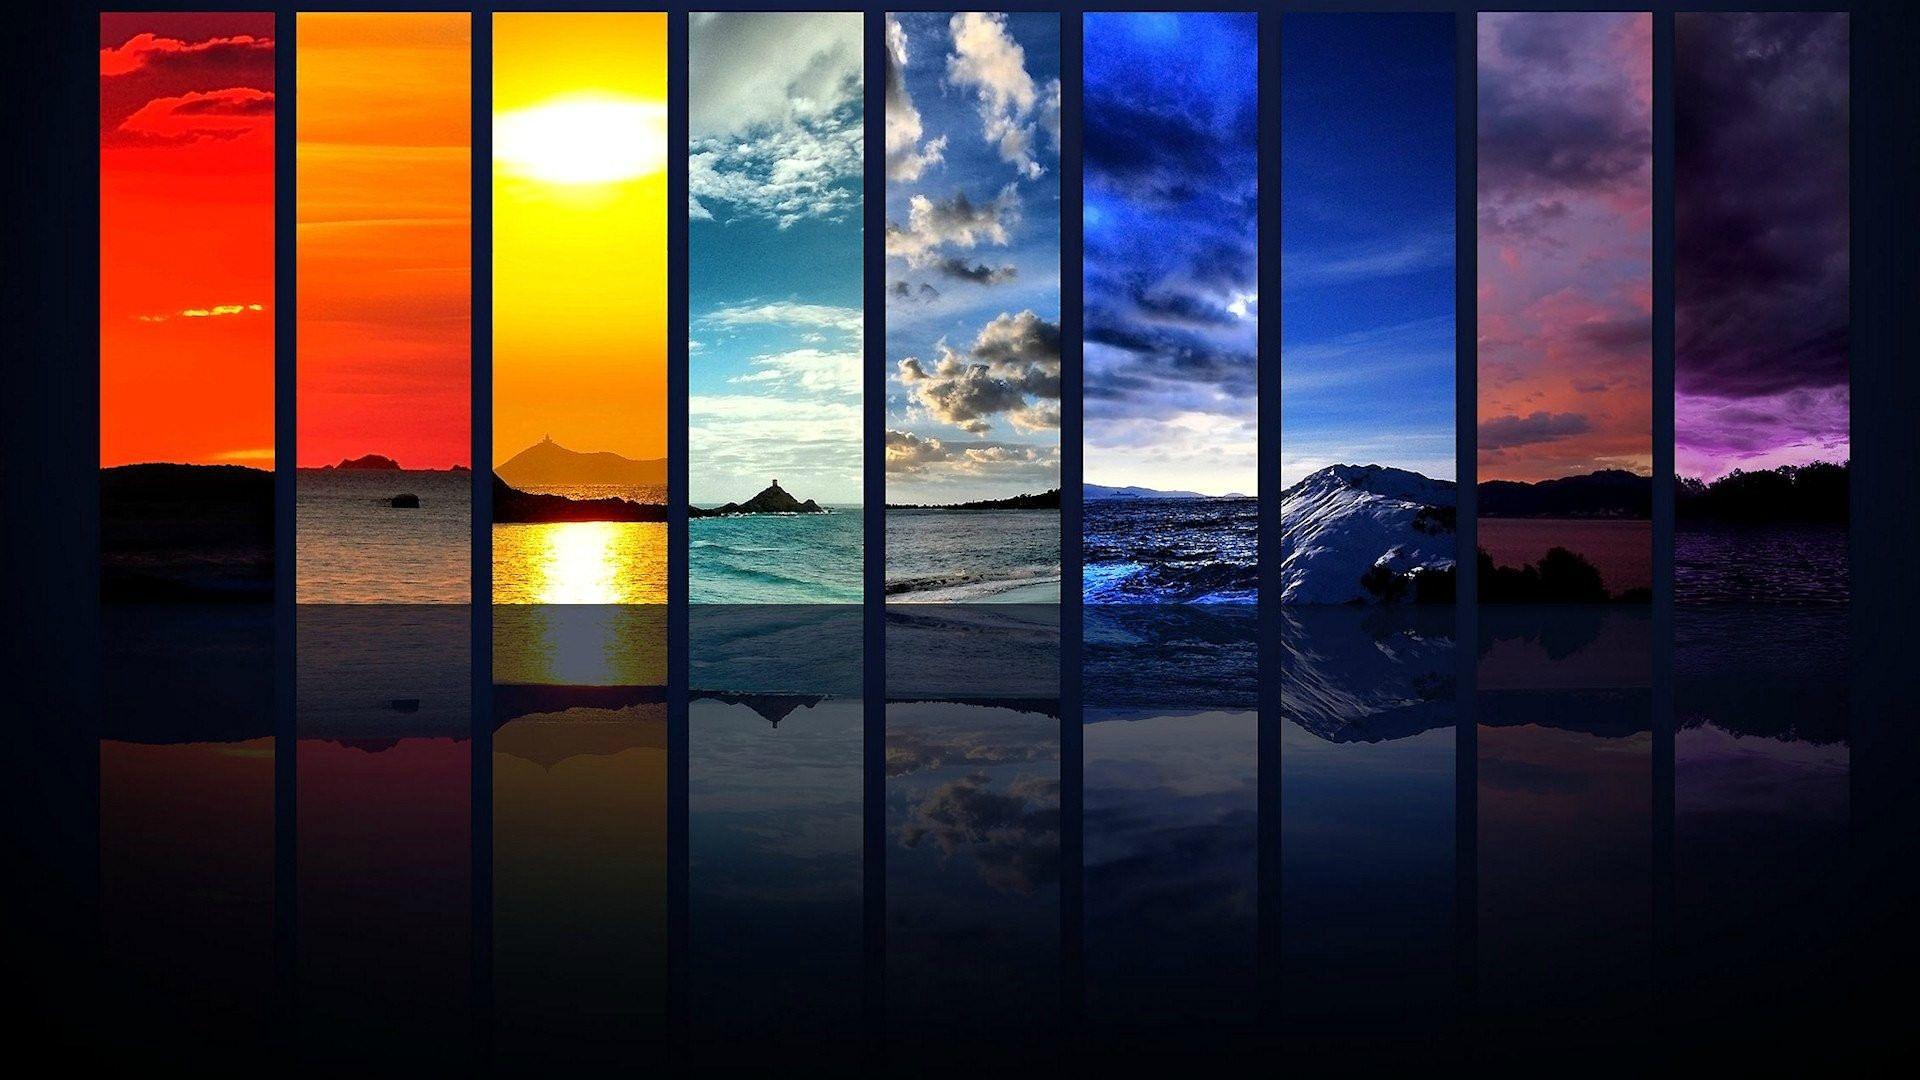 Samsung Galaxy S3 Wallpaper Hd 1080p 1920x1080 Download Hd Wallpaper Wallpapertip